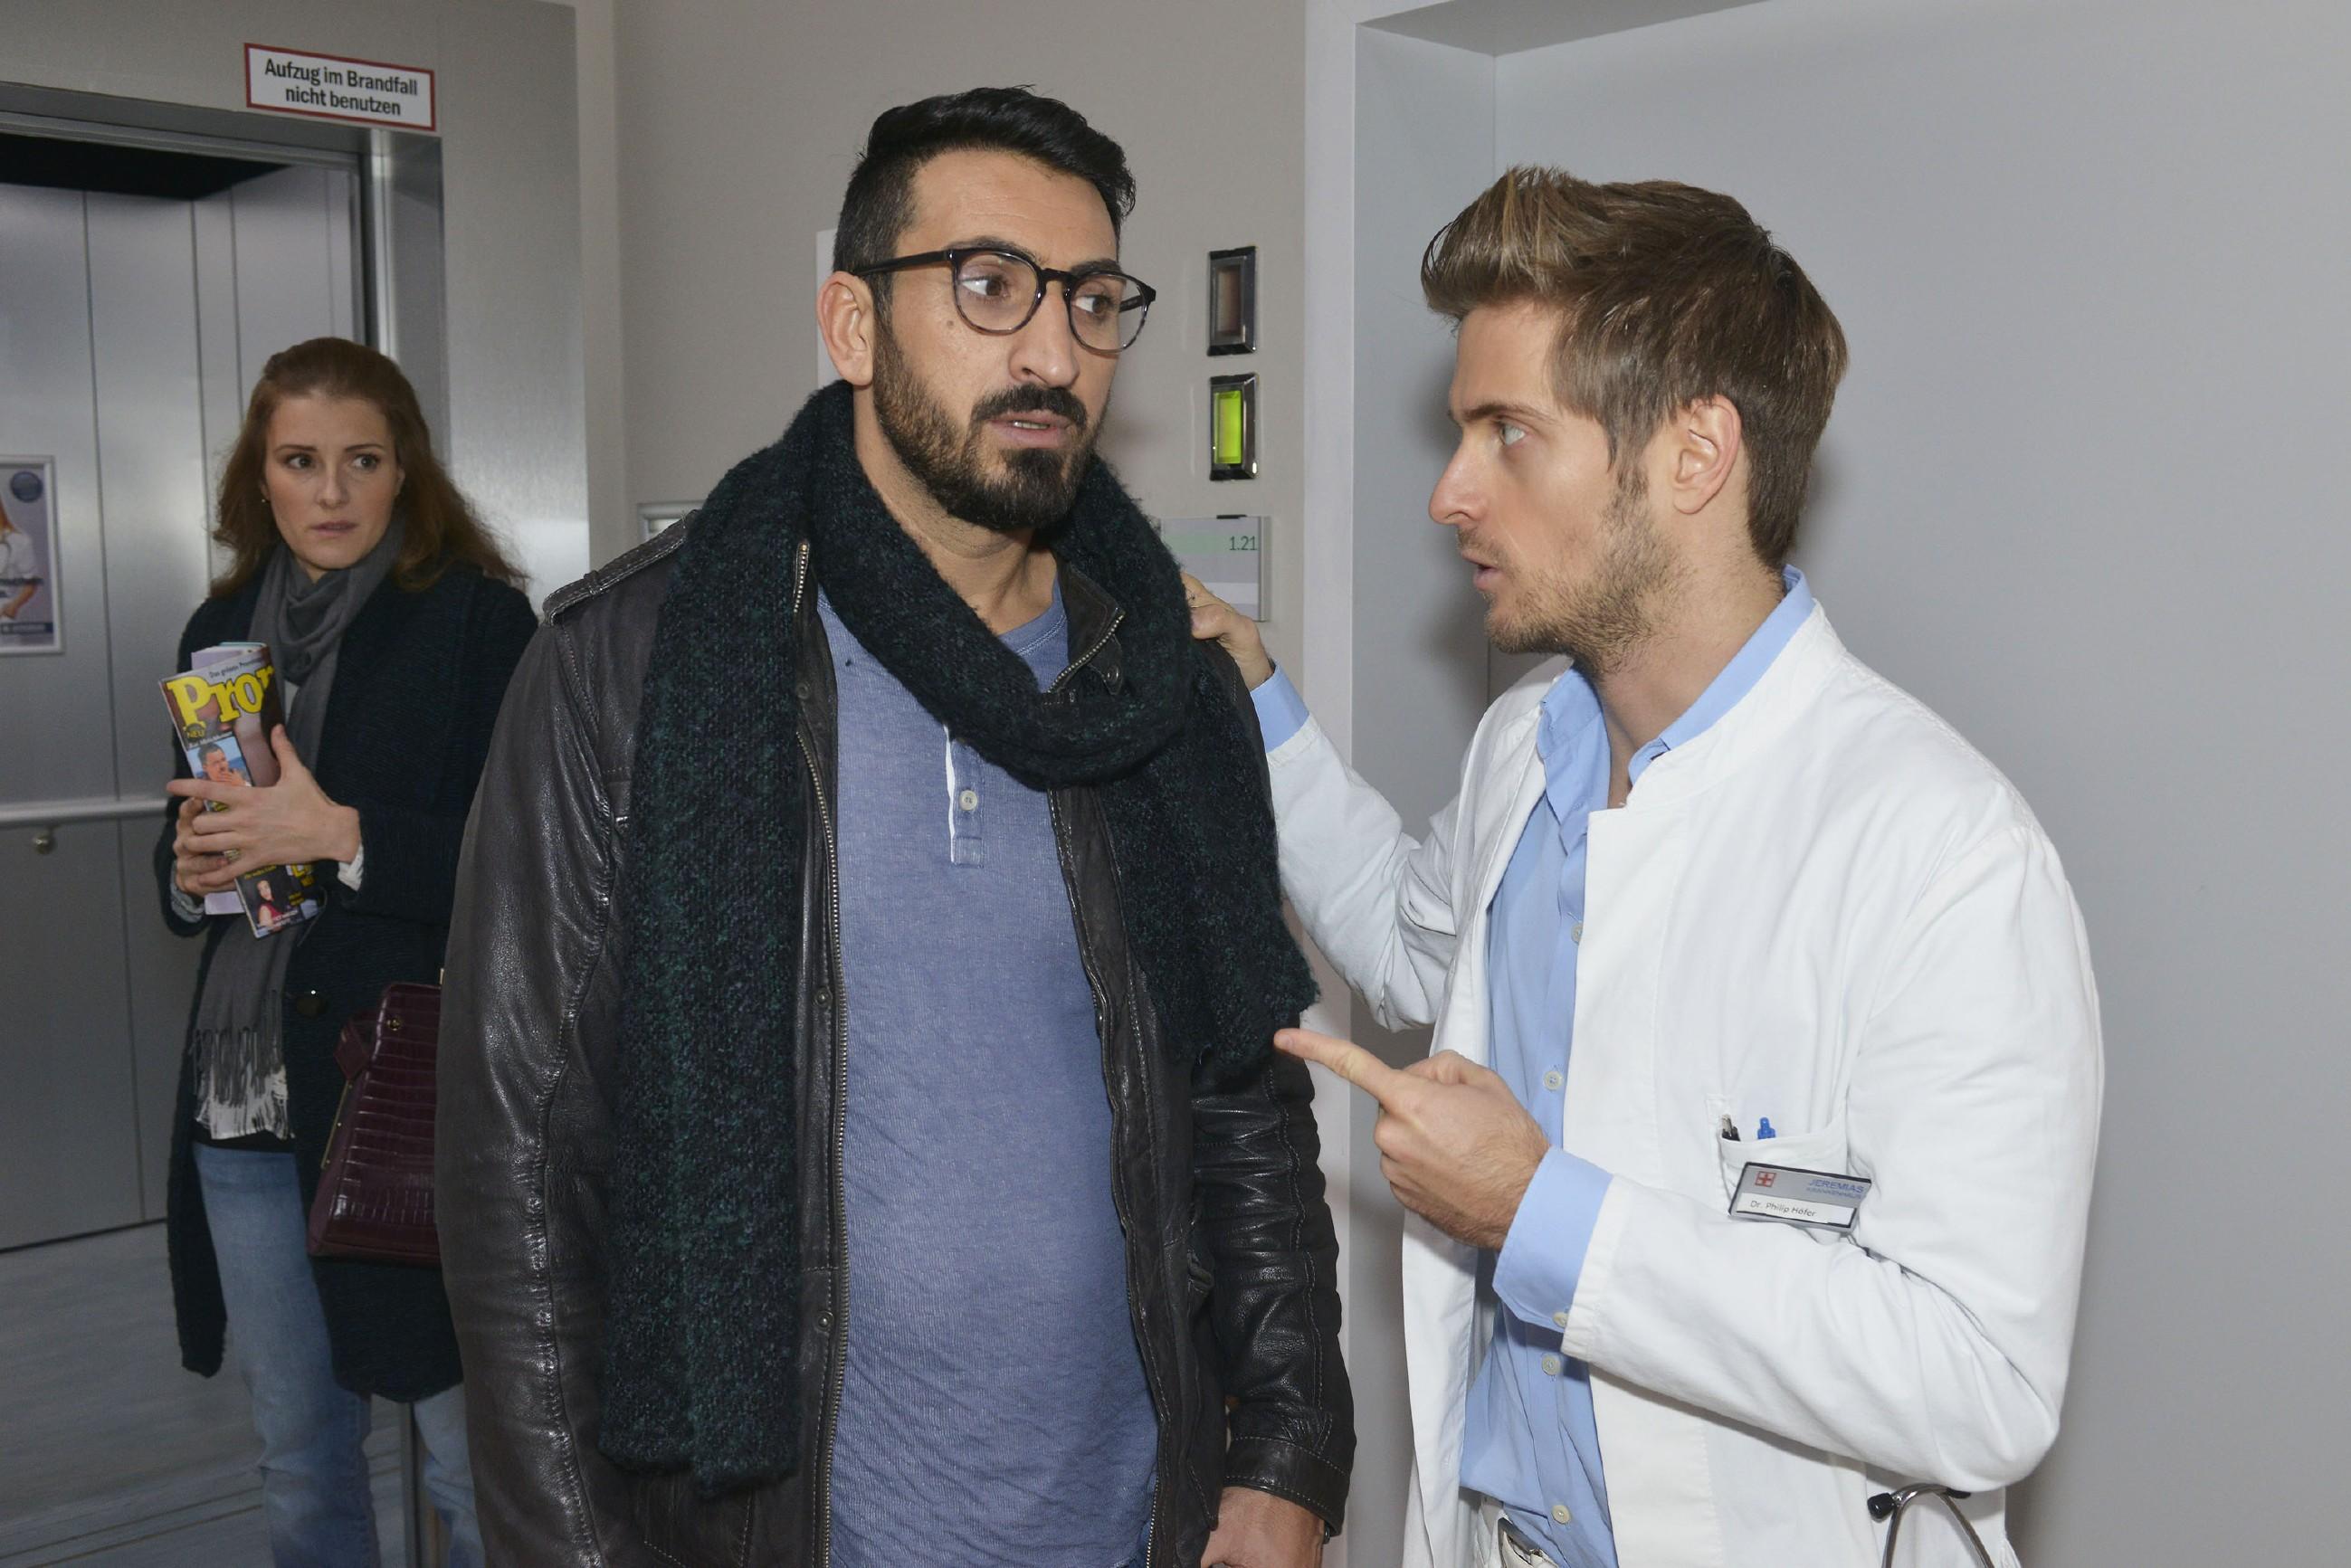 Philip (Jörn Schlönvoigt, r.) lässt Mesut (Mustafa Alin) nicht vor Emma (Claudia Lorentz) auffliegen, redet ihm aber ins Gewissen und macht ihm klar, dass er seine Lüge, im Jeremias zu arbeiten, nicht lange wird aufrechterhalten können. (RTL / Rolf Baumgartner)